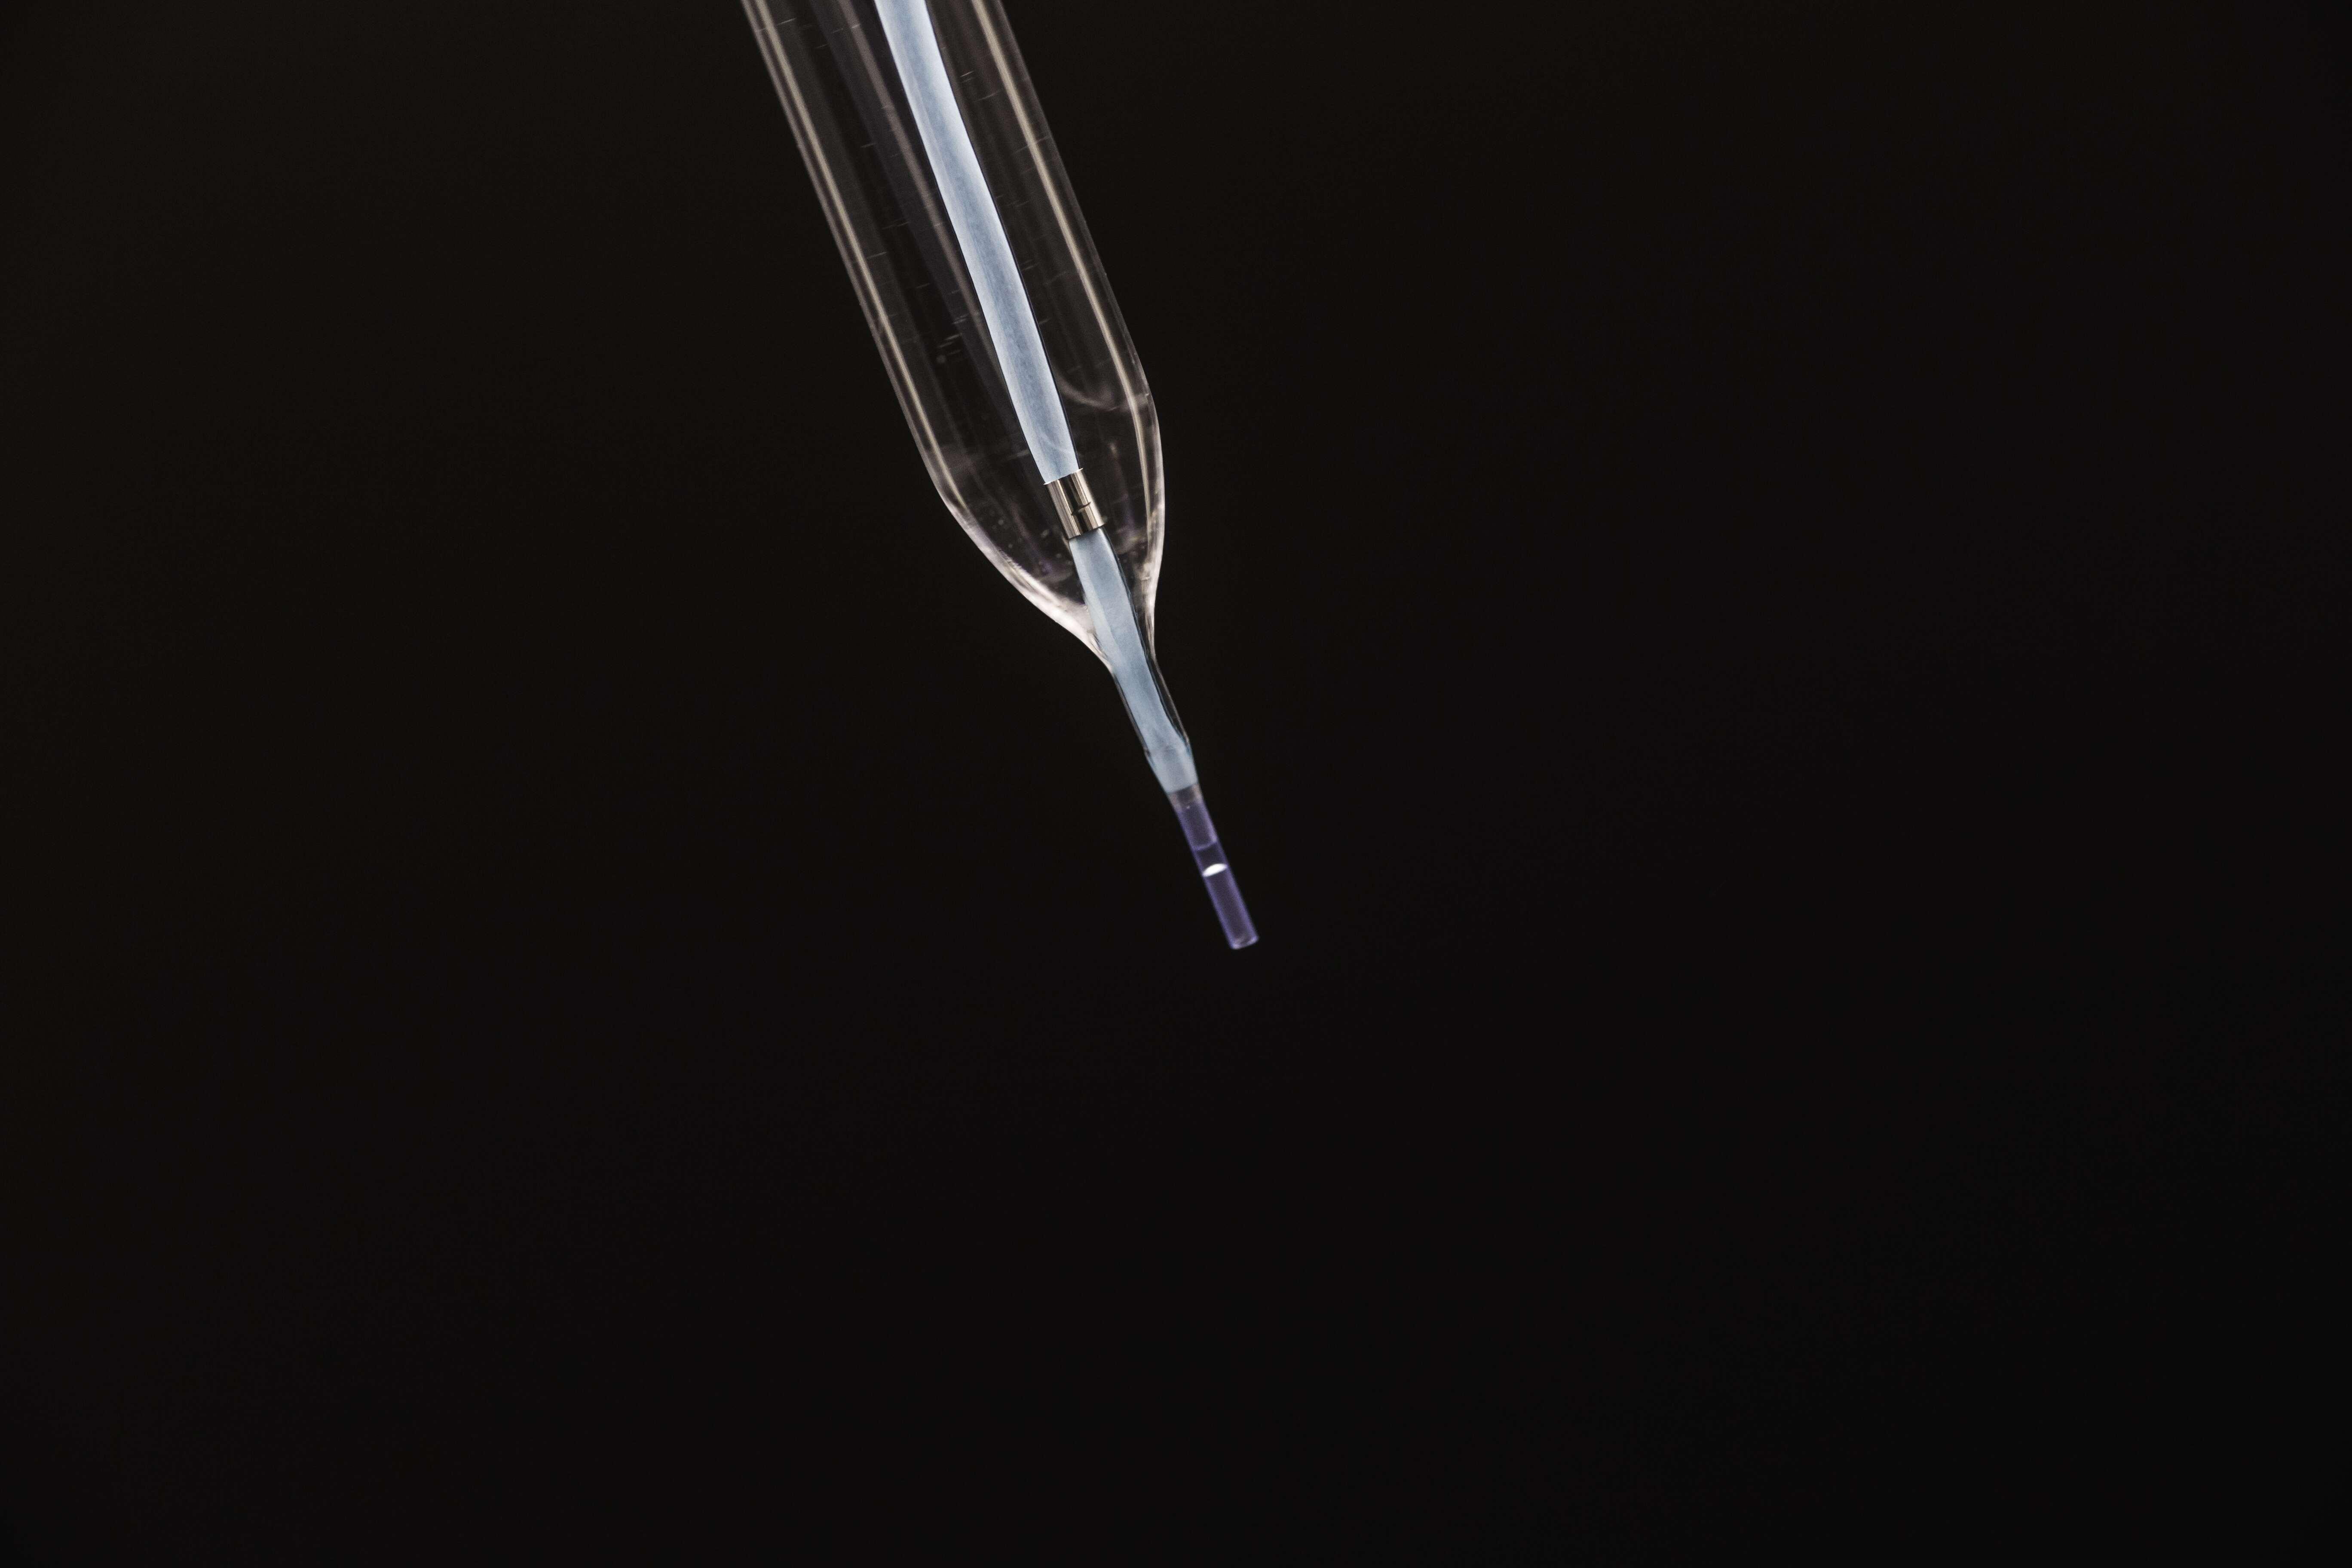 Ptca Balloon Catheter